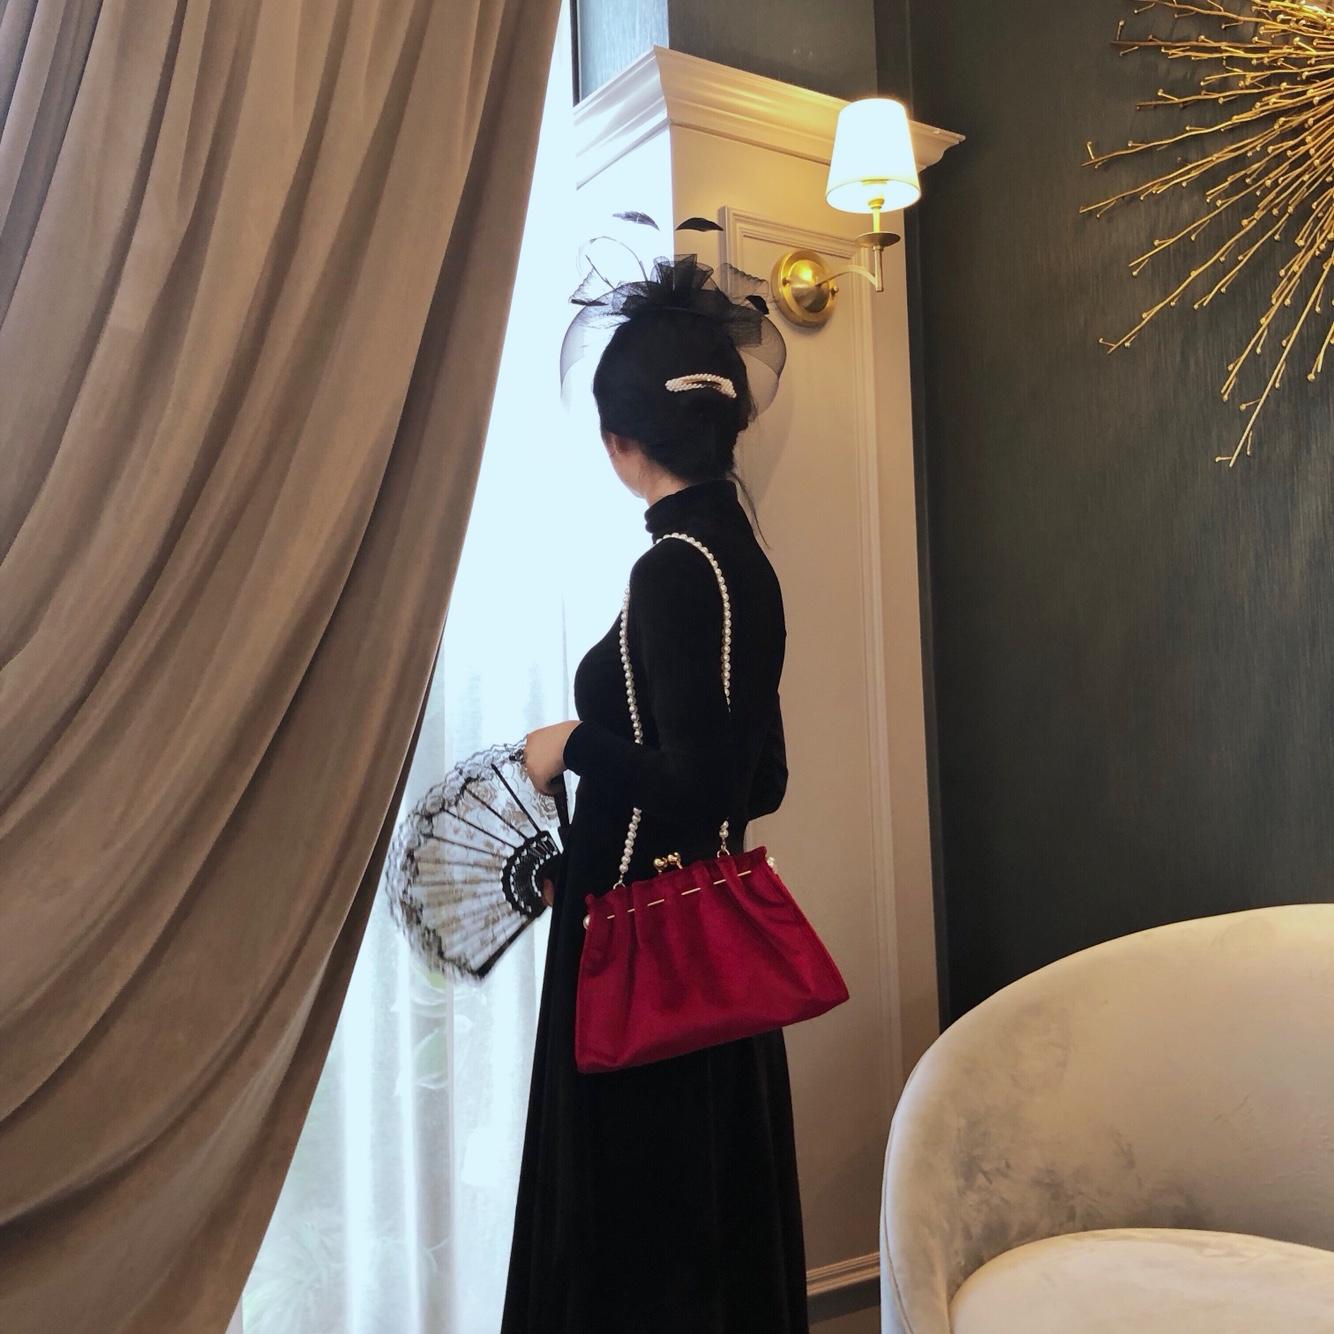 红色复古包 Misscat 复古秋冬金丝绒珍珠球金属褶皱包口珍珠链晚宴红色包包女_推荐淘宝好看的红色复古包